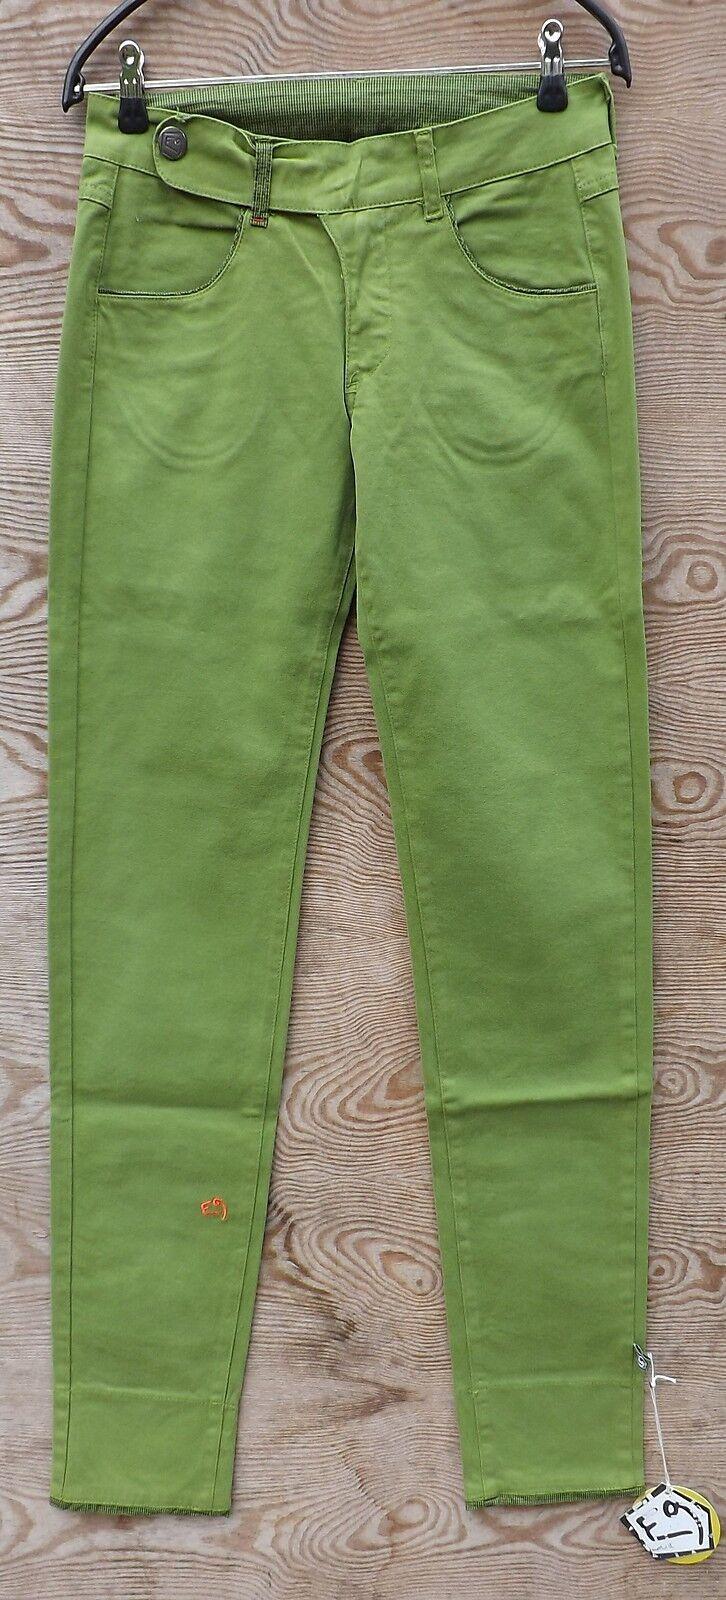 E9 Pantaloni Cocco per Signore, Apple, Pantaloni per Arrampicata